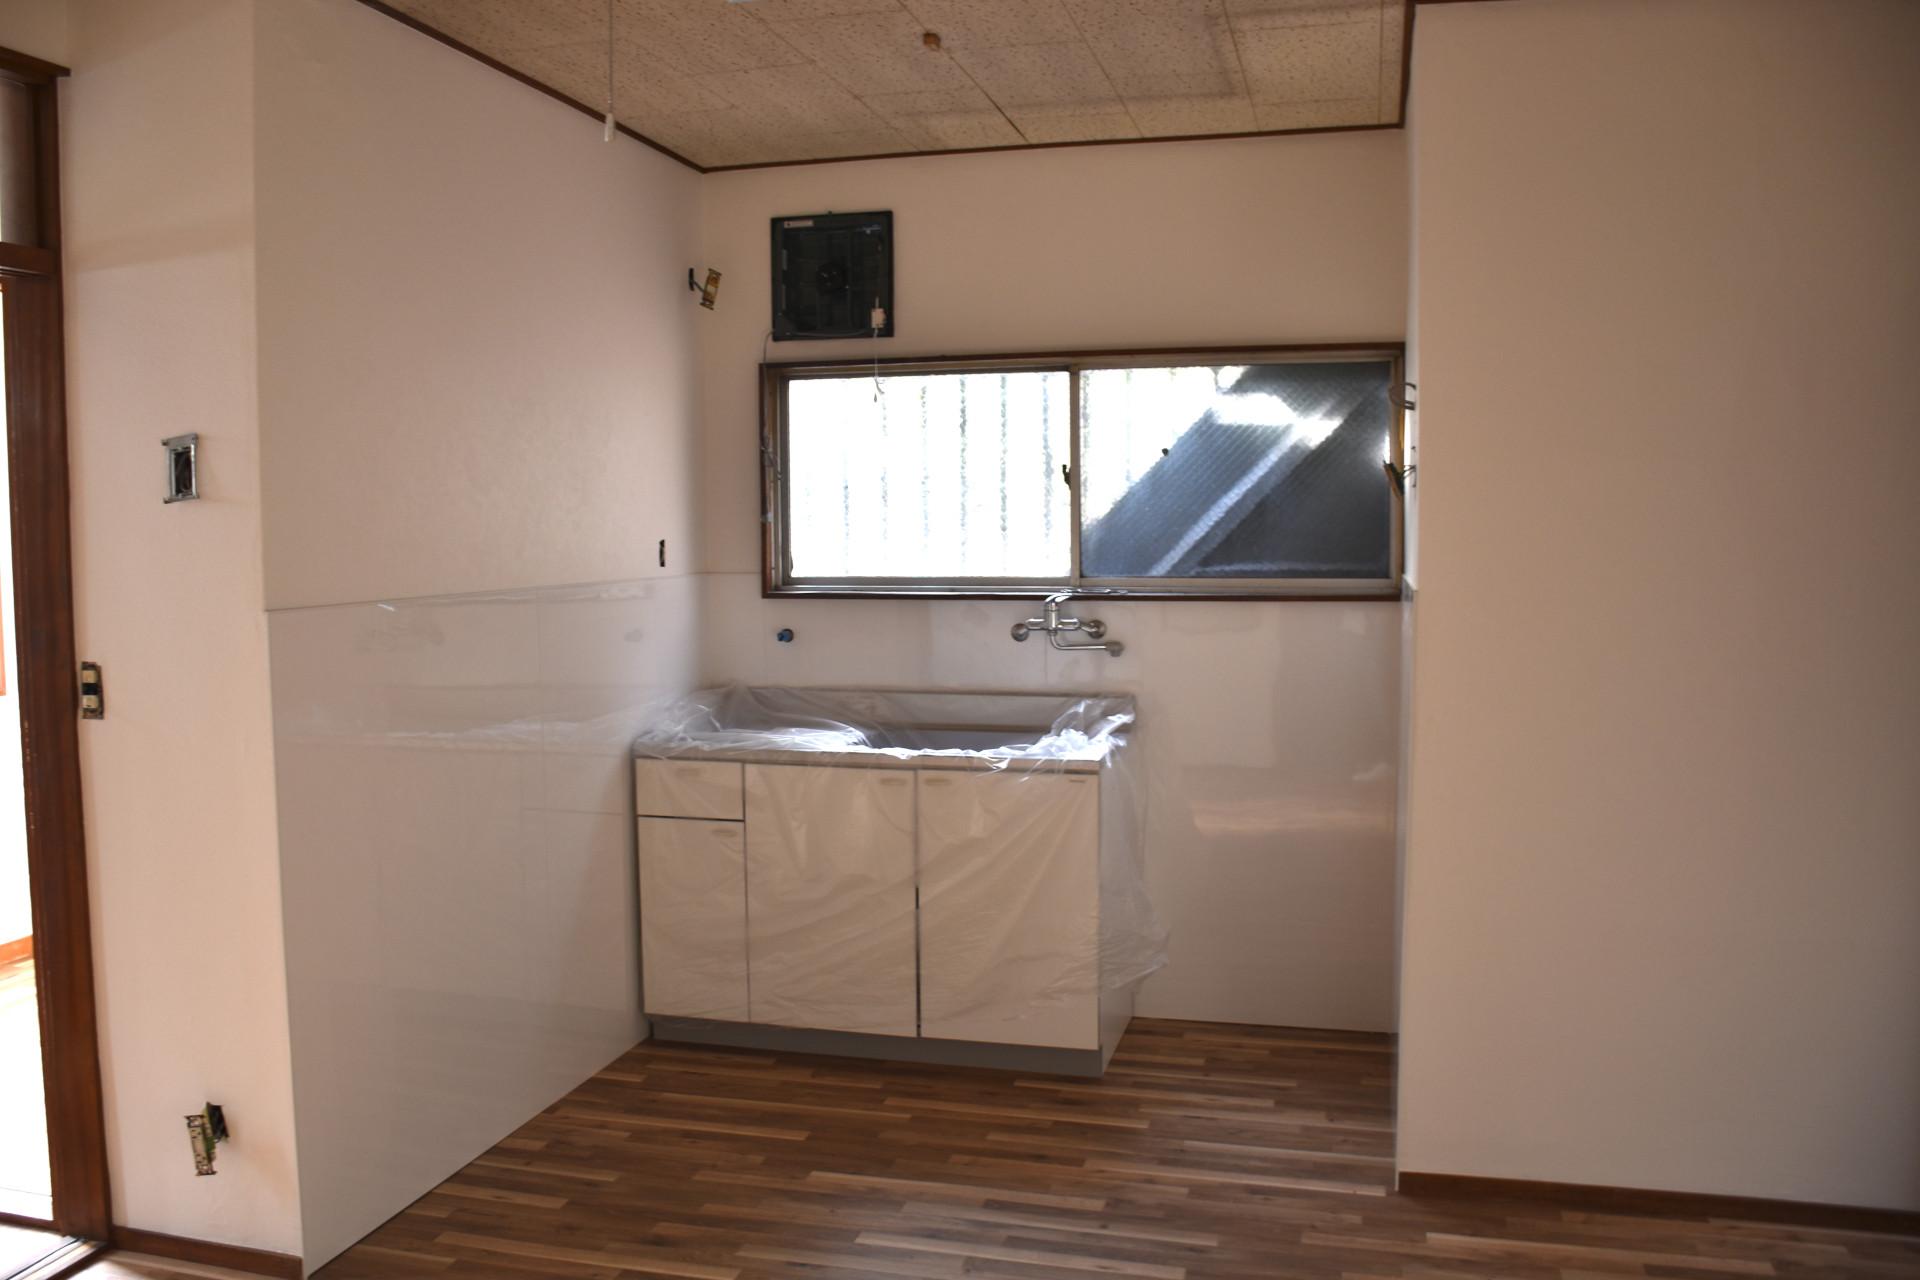 淡路駅の賃貸事務所「淡路駅前ラボ」給湯スペース